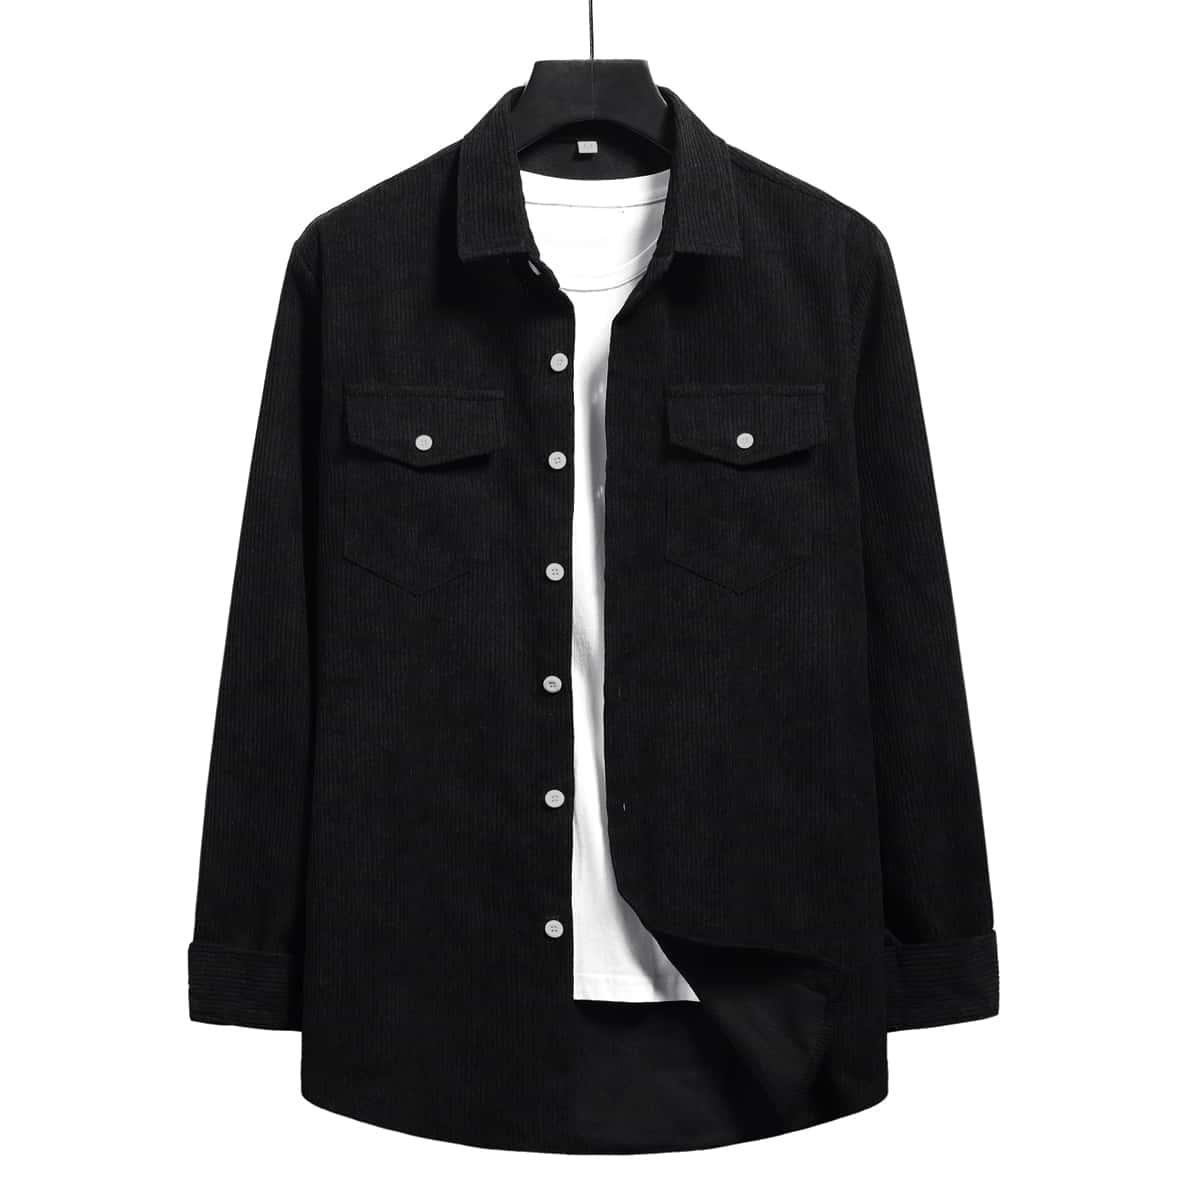 Мужская вельветовая рубашка на пуговицах с карманом SheIn smshirt01210108038